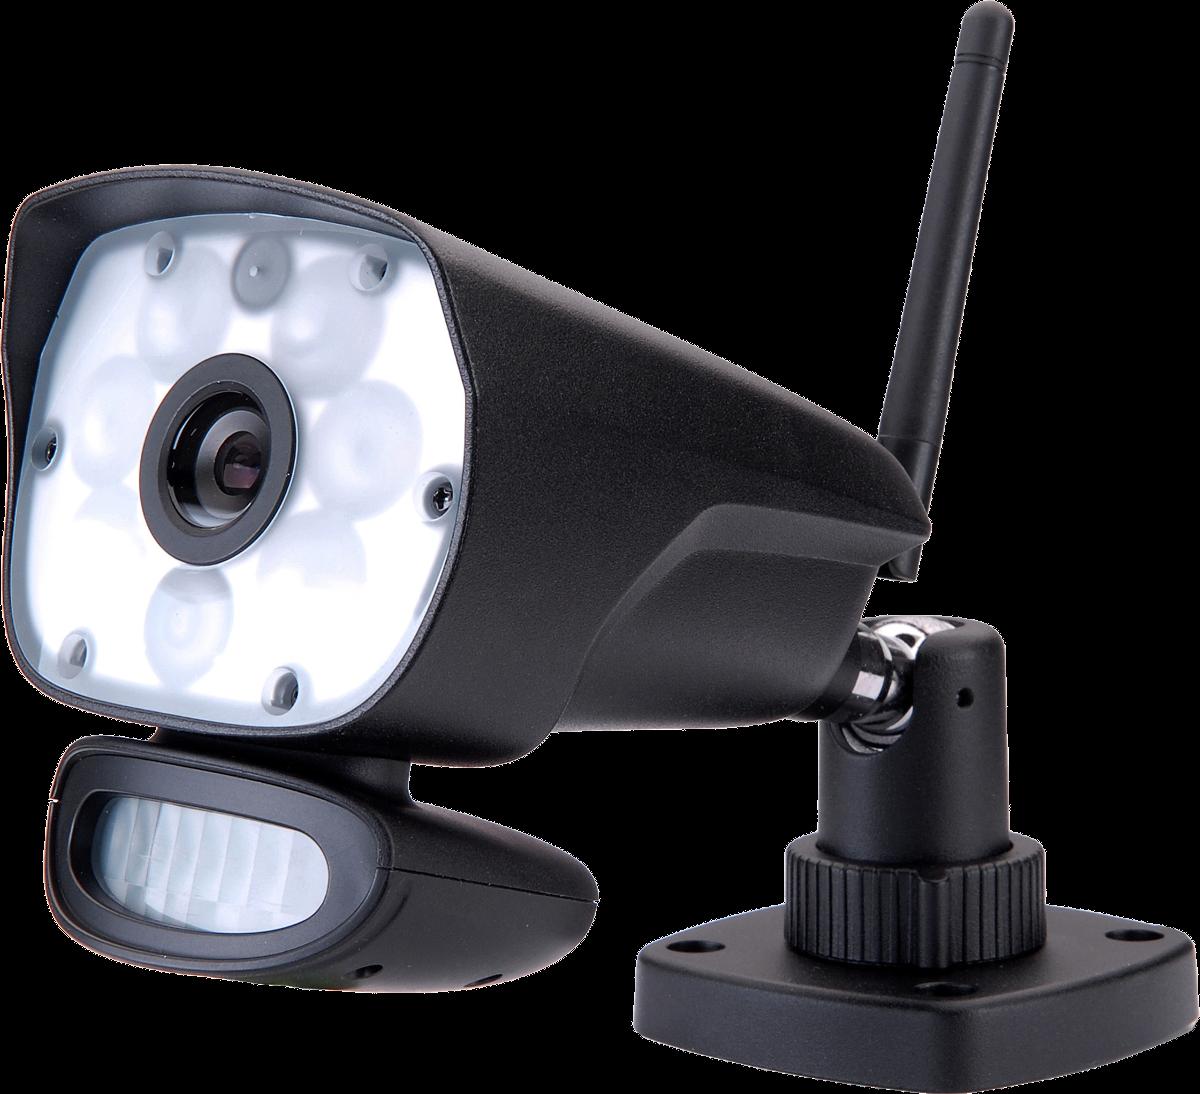 switel caip 6000 netzwerk berwachungskamera wetterfeste hd kamera schwarz g nstig kaufen. Black Bedroom Furniture Sets. Home Design Ideas